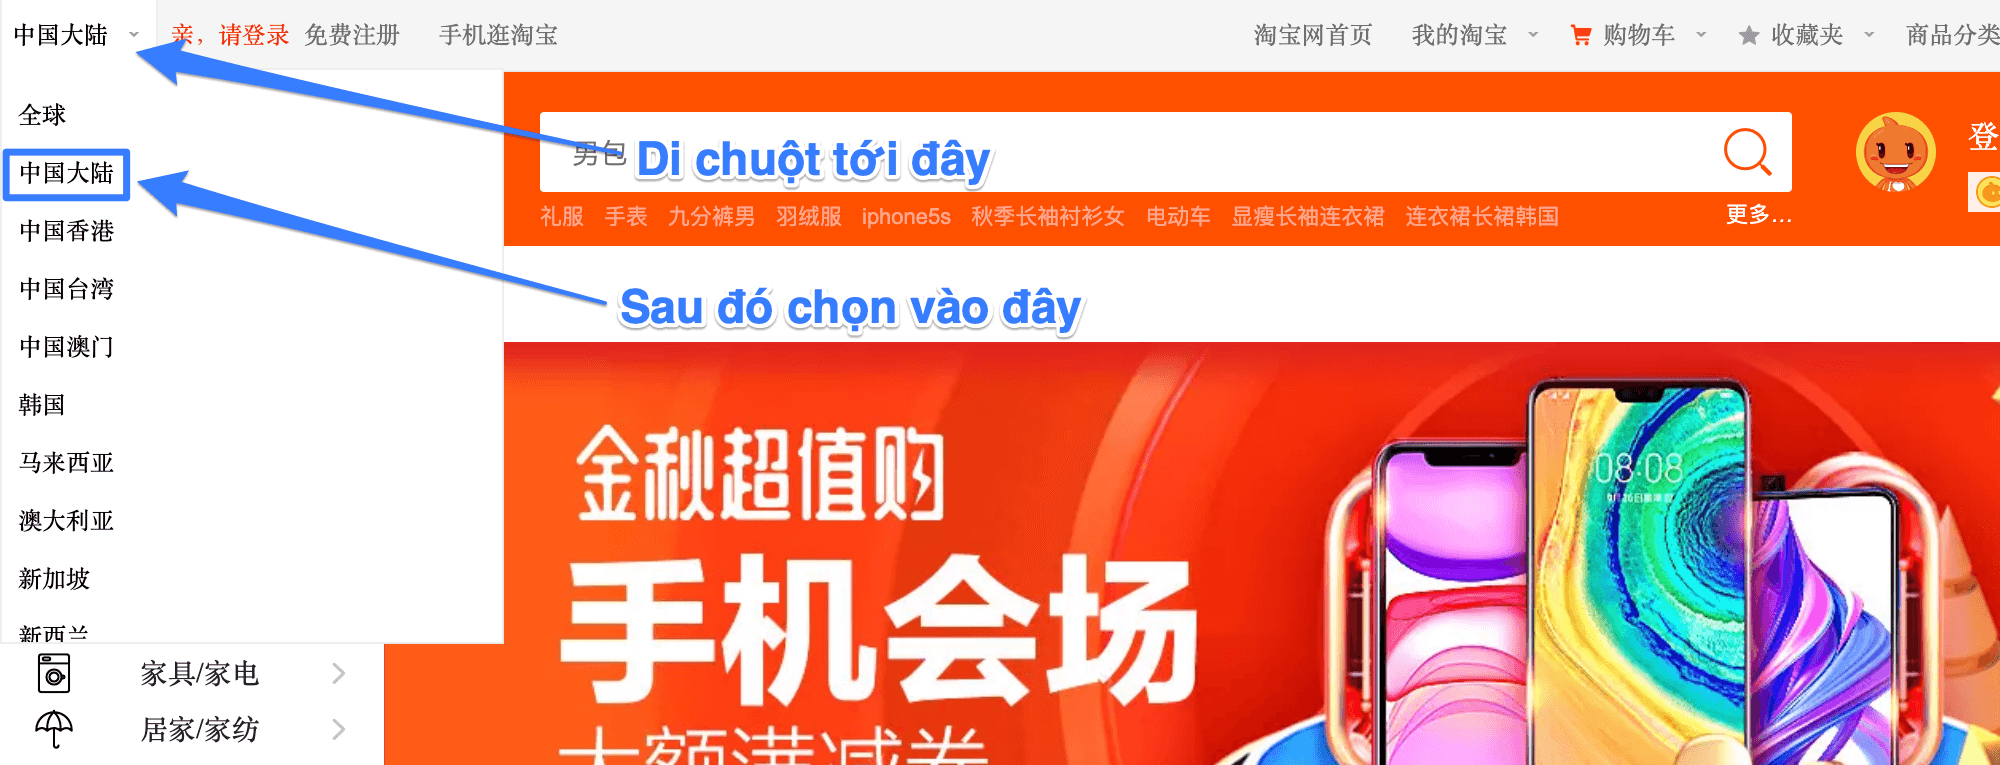 Cách thay đổi Taobao về trang nội địa